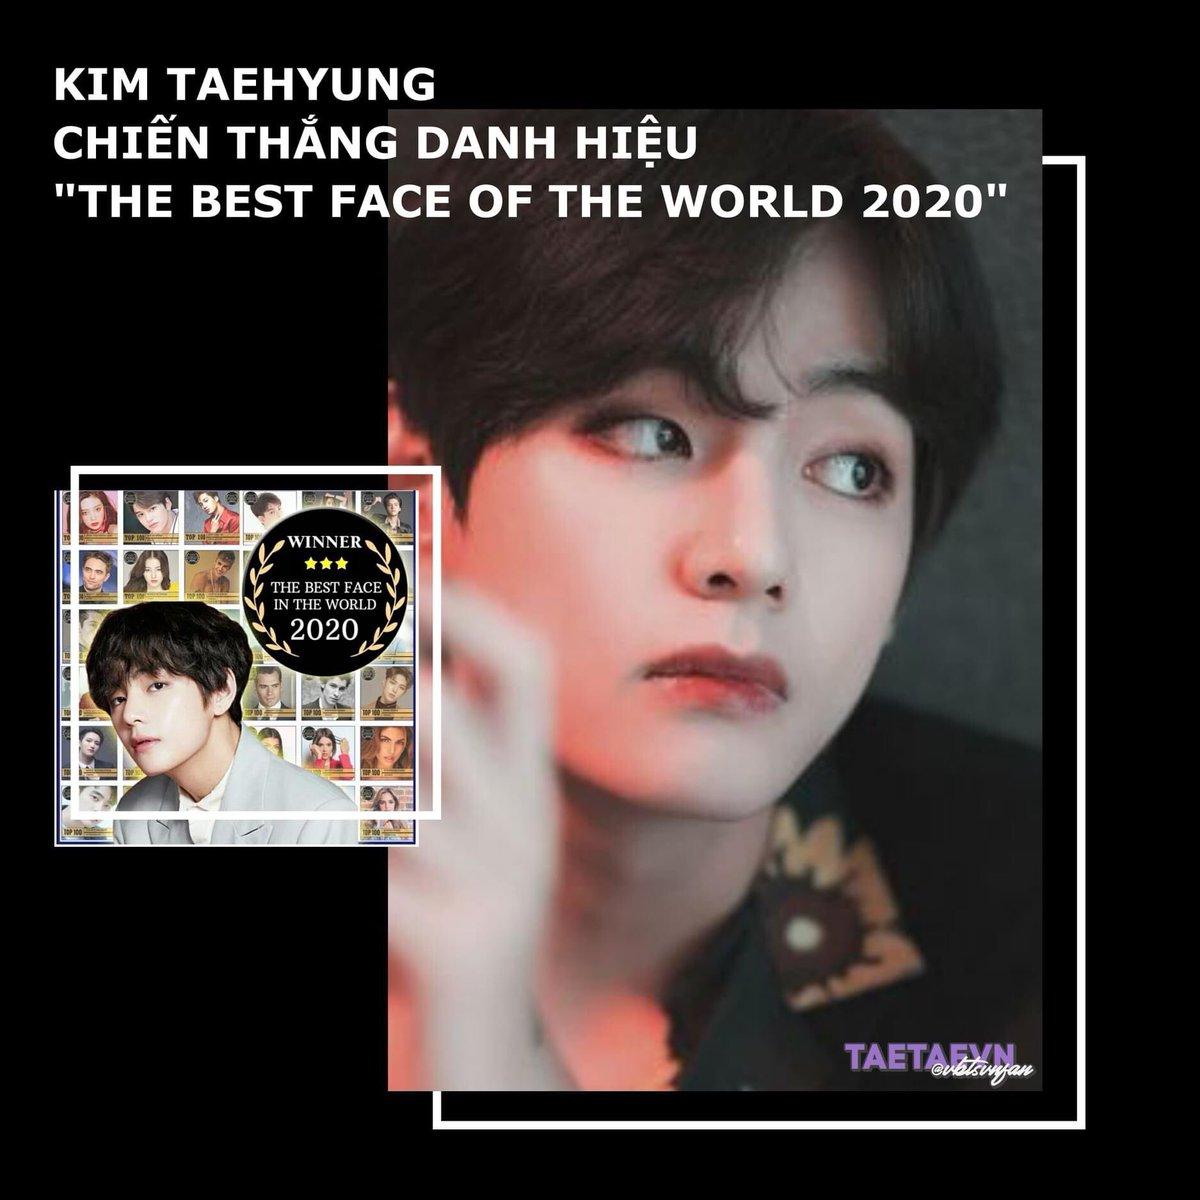 Chúc mừng Taehyung chiến thắng danh hiệu The Best Face Of The World 2020.  #VBestFace2020 방탄소년단 뷔 #방탄소년단뷔 #뷔 #김태형 #태형 #BTSV #V #TAEHYUNG https://t.co/JH1bPqdNI9